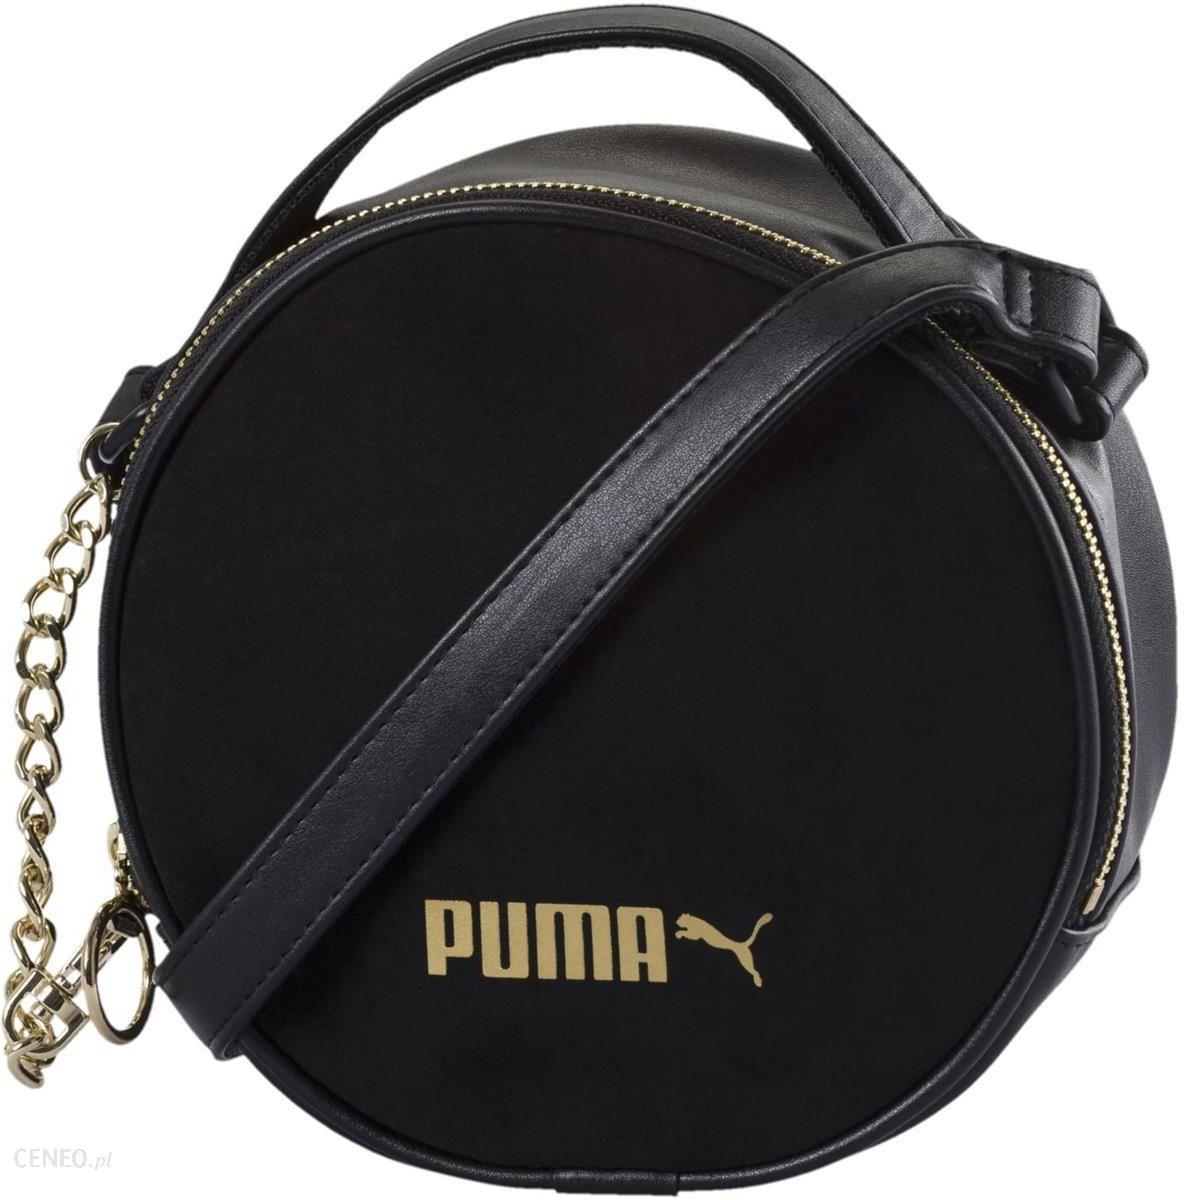 66b36507826d4 Torebka Puma Prime Premium 07559101 Rzeszów - Sklepy, ceny i opinie ...